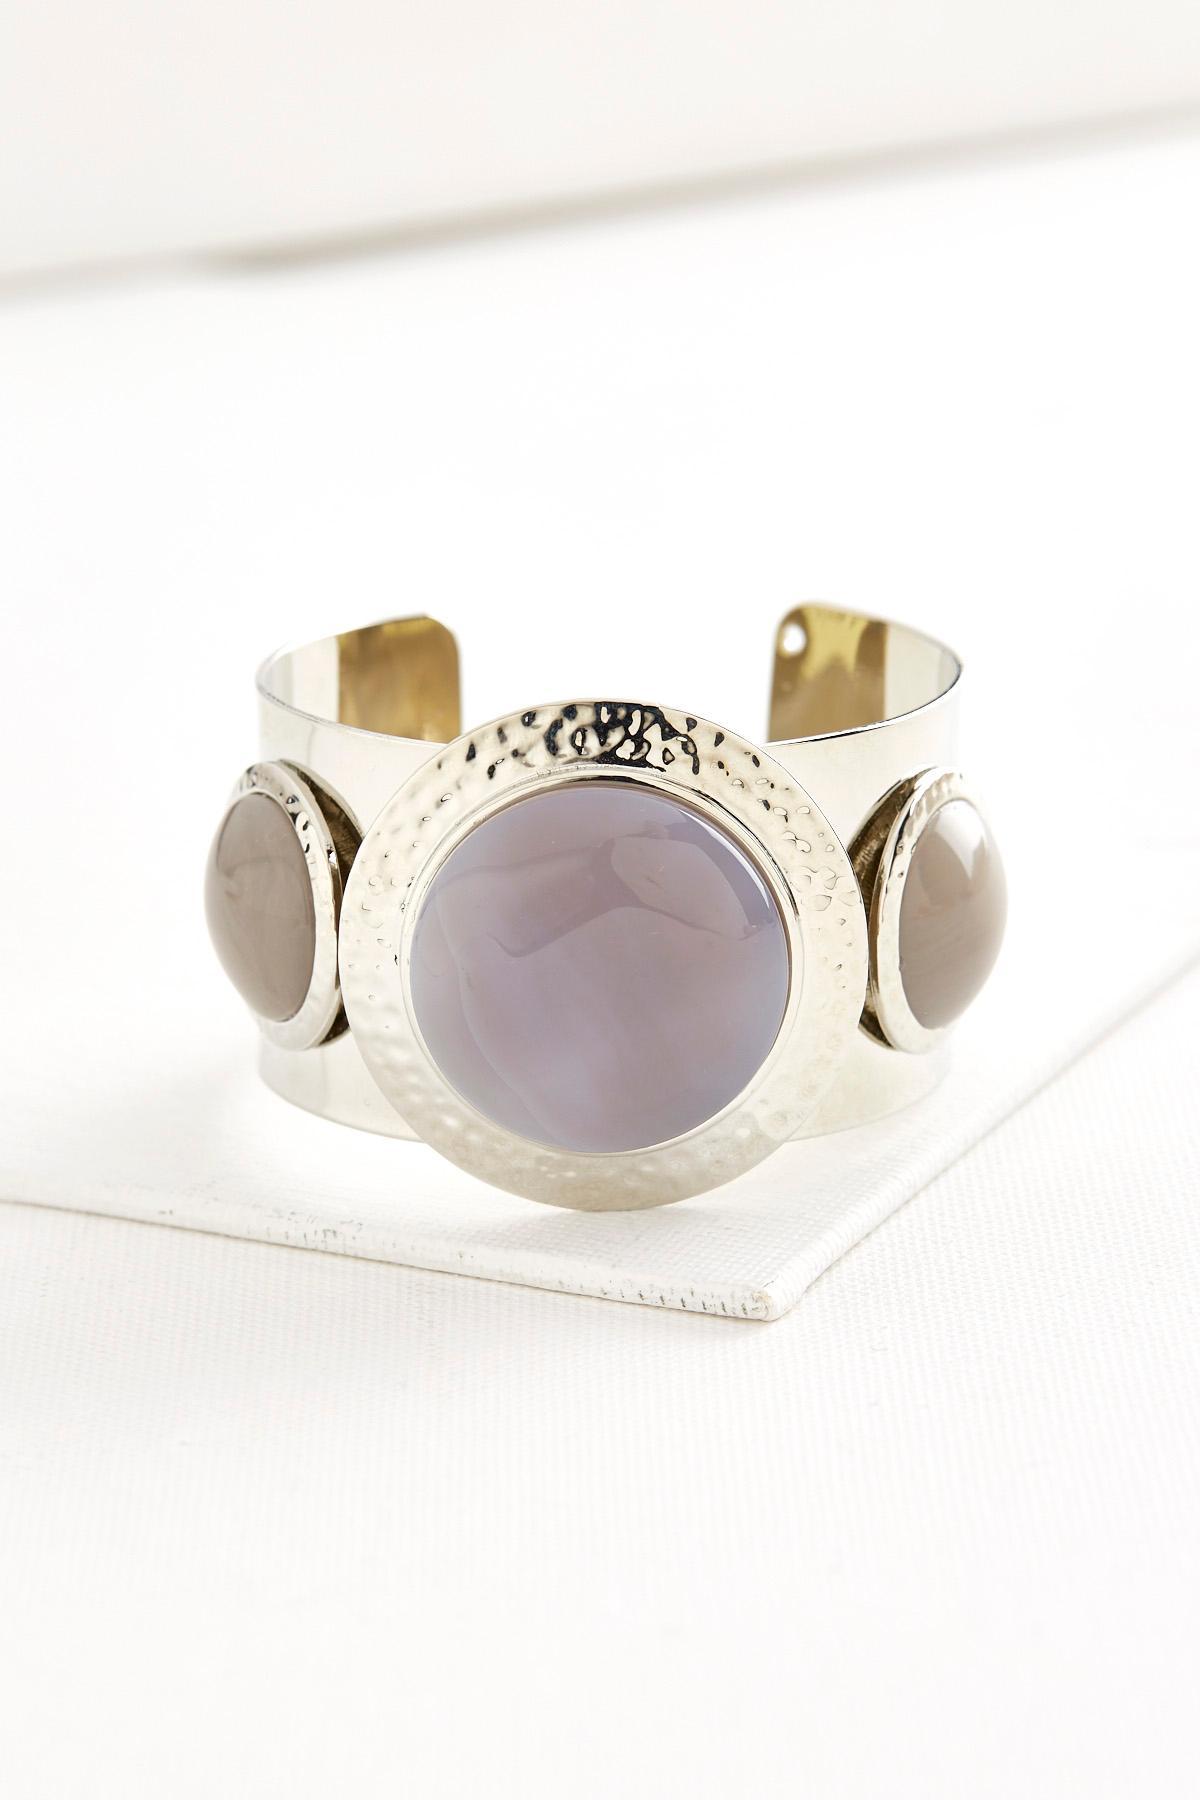 Hammered Semi- Precious Cuff Bracelet